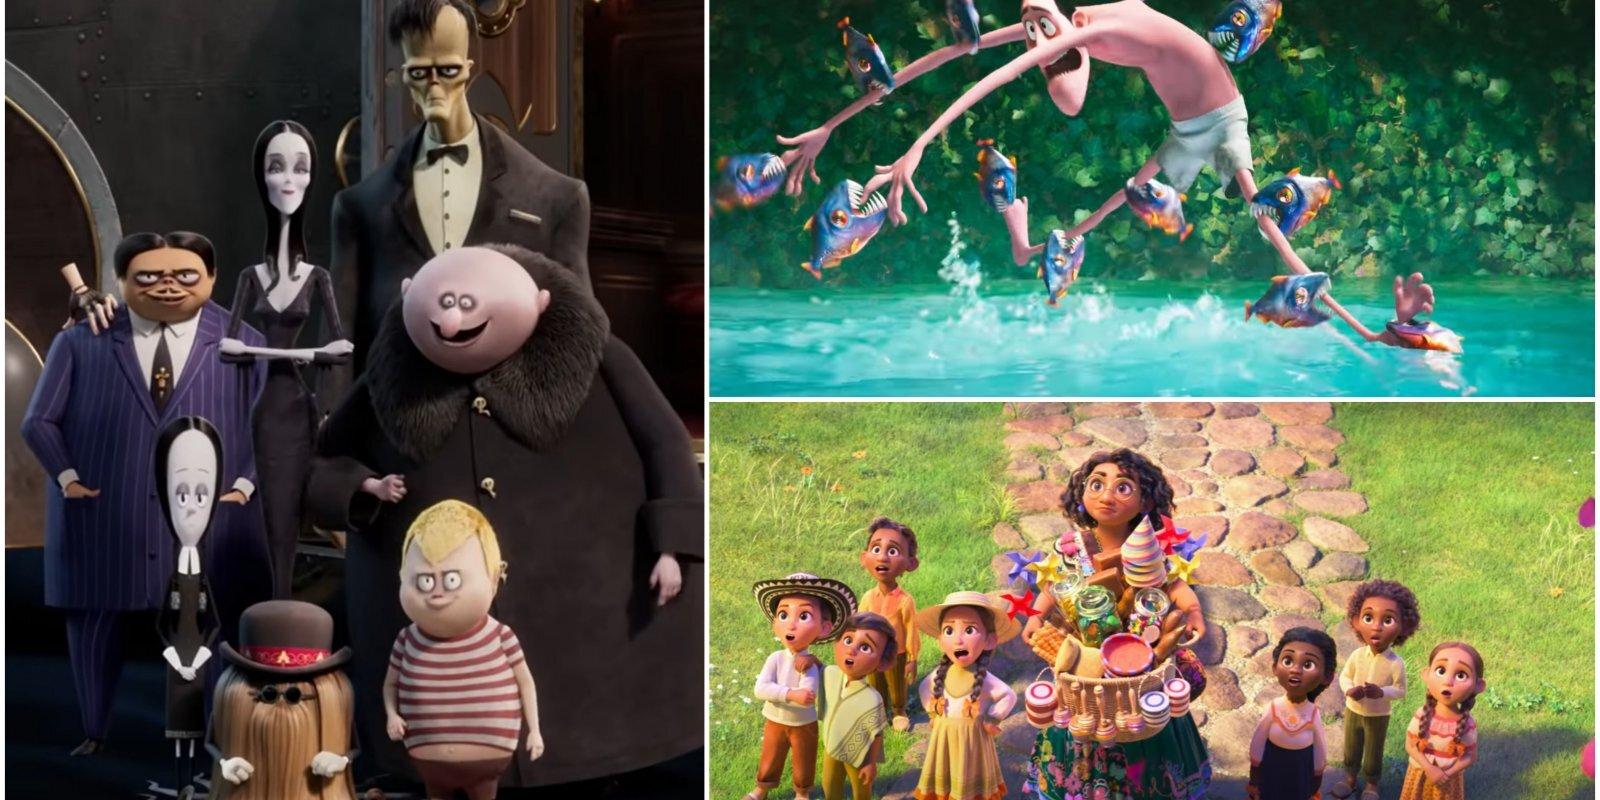 Treileri klāt! Trīs animācijas filmas, kas patiks arī pieaugušajiem